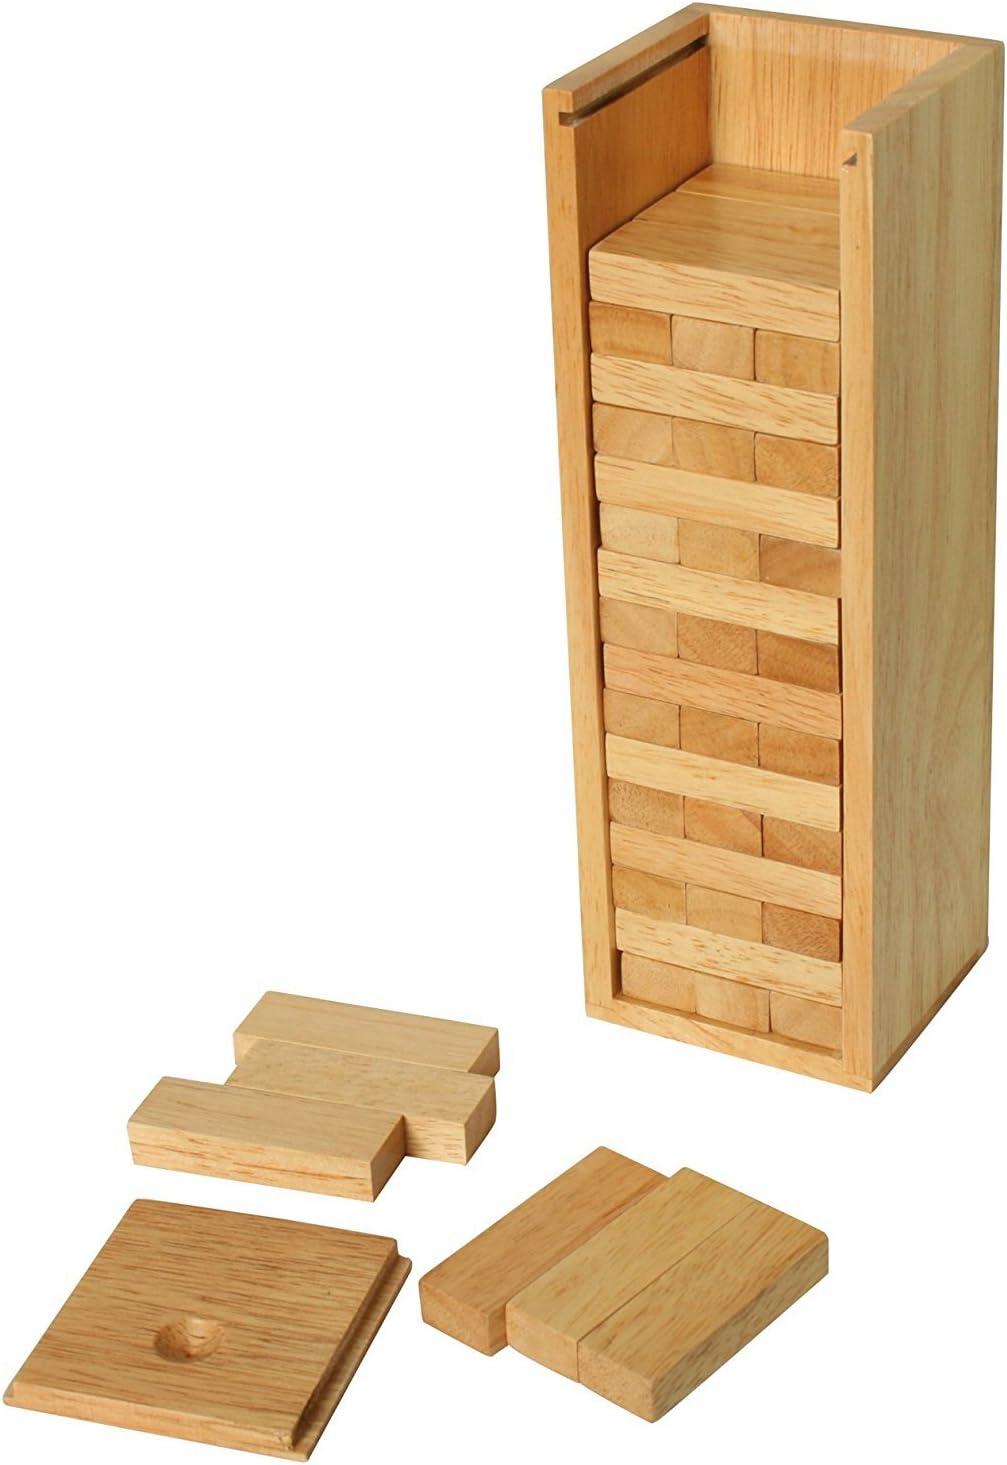 Apilables Torre con caja de madera: Amazon.es: Juguetes y juegos